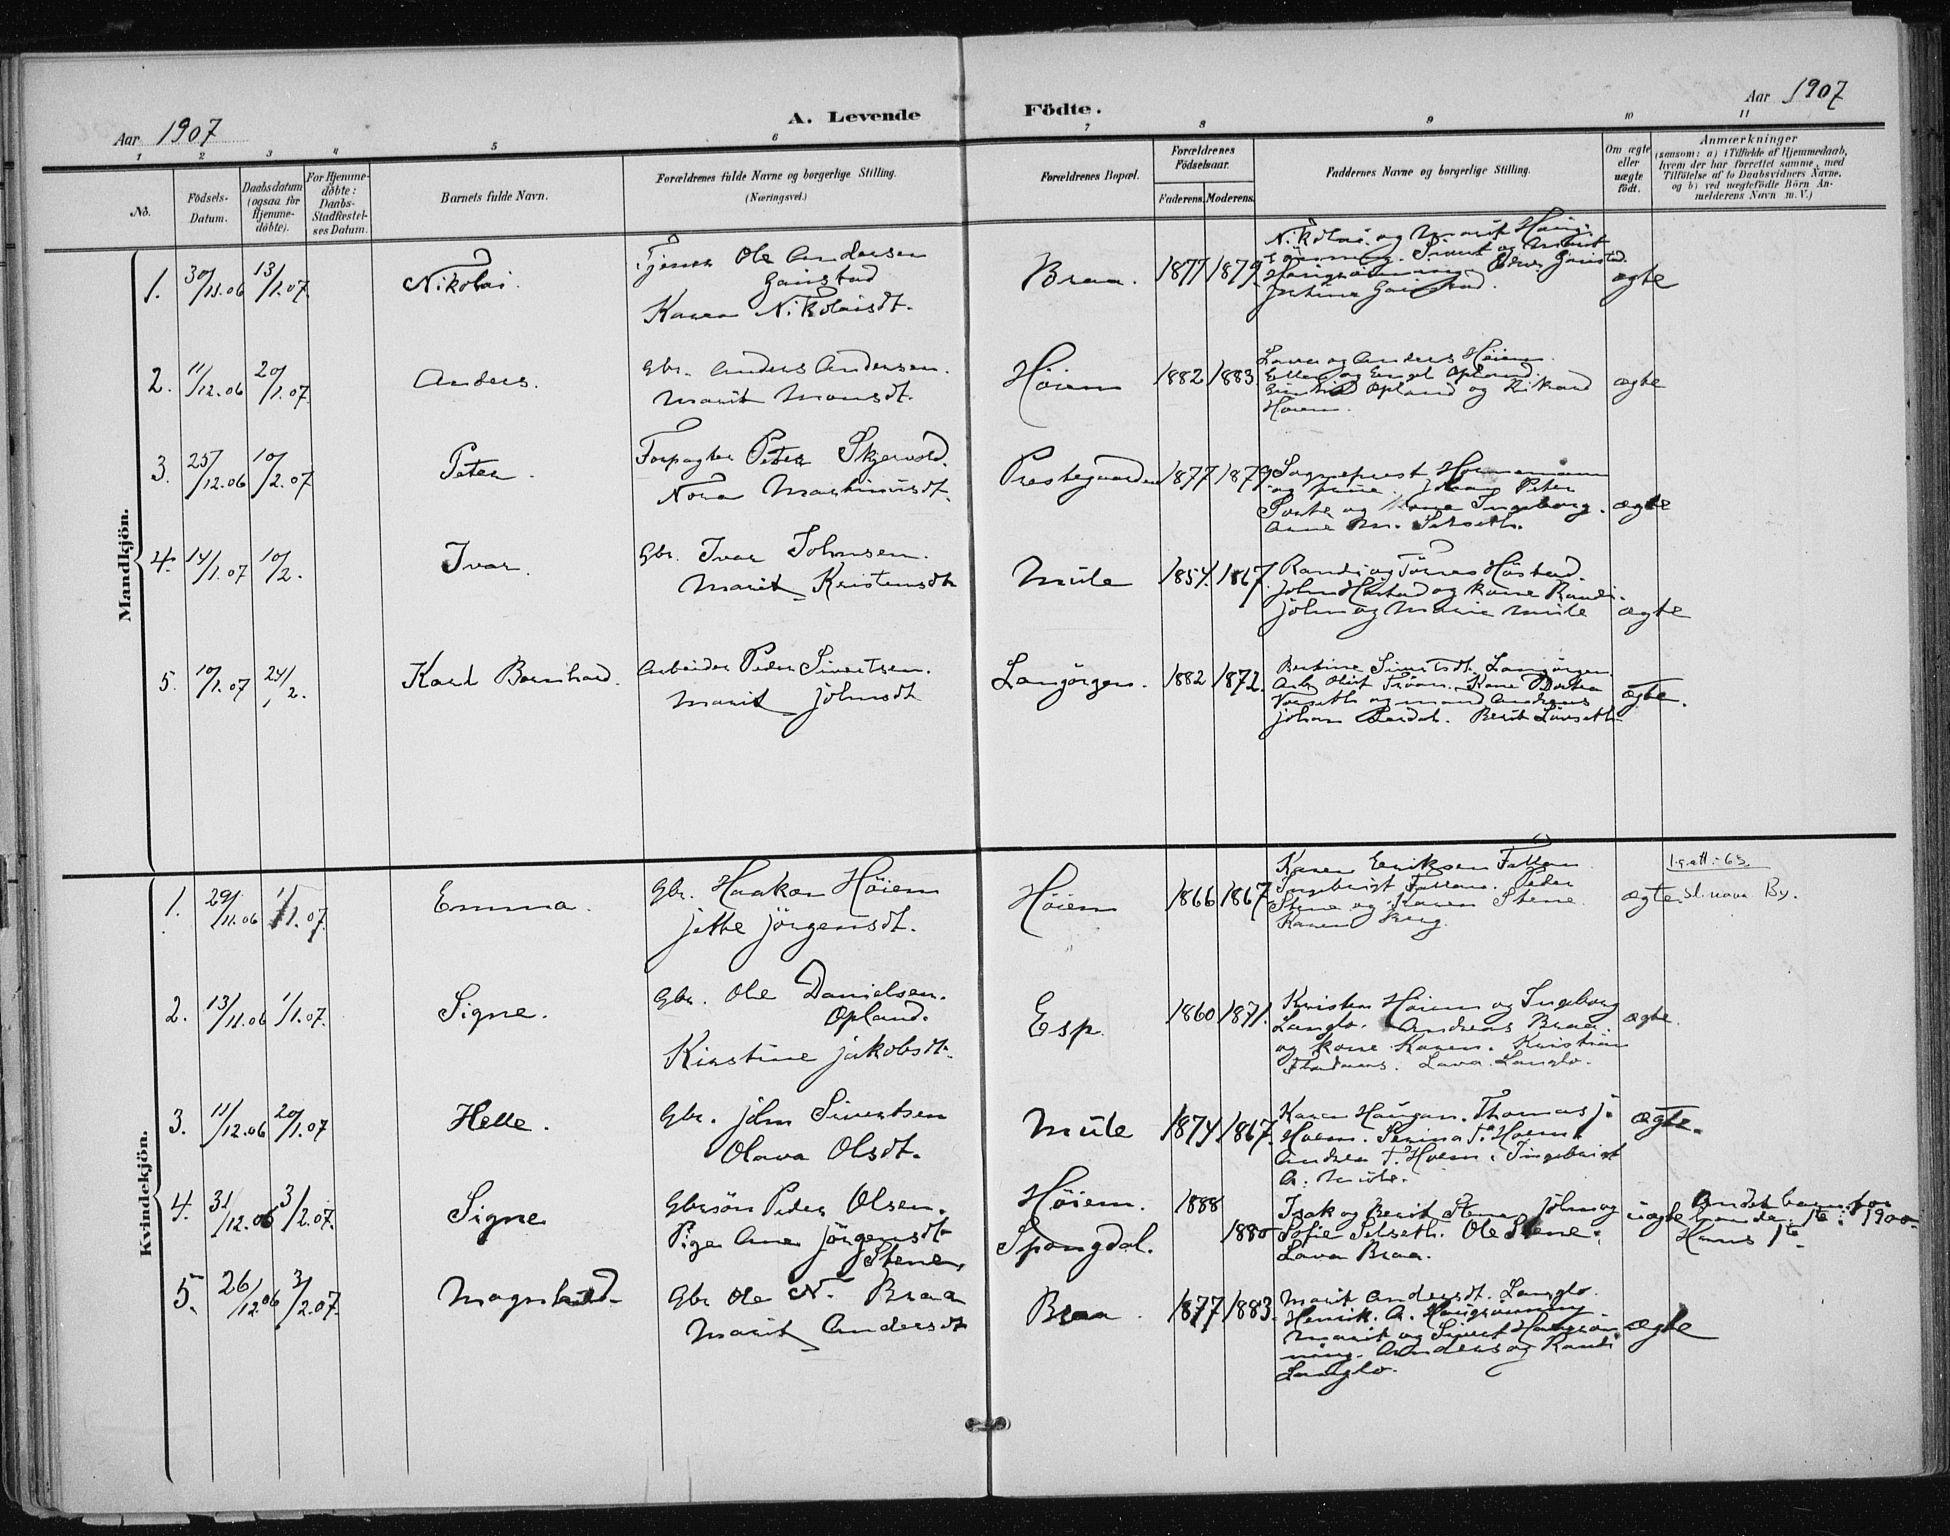 SAT, Ministerialprotokoller, klokkerbøker og fødselsregistre - Sør-Trøndelag, 612/L0380: Ministerialbok nr. 612A12, 1898-1907